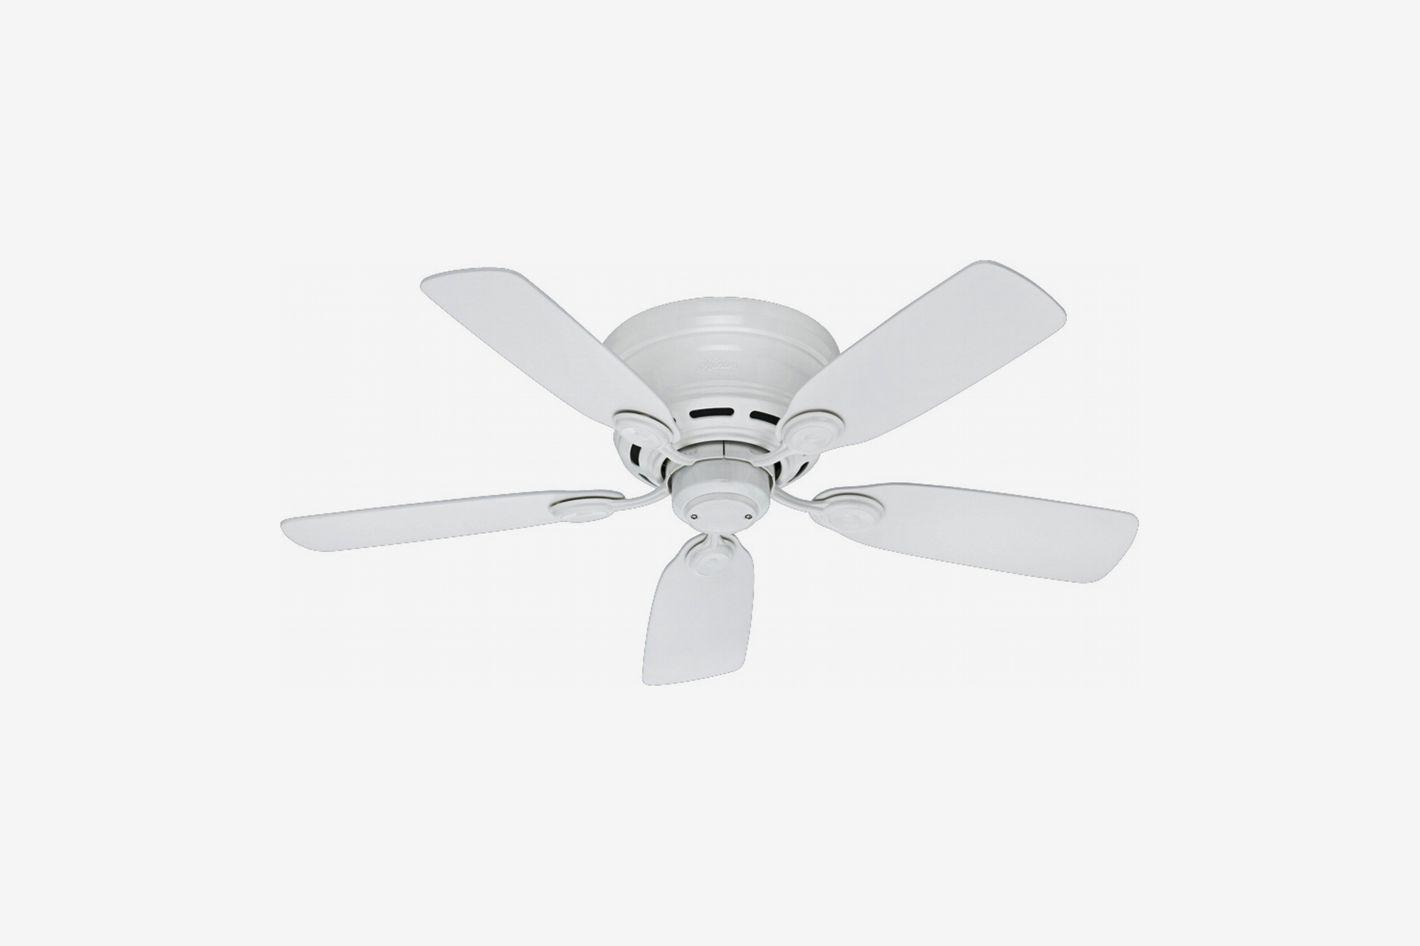 Hunter Fans 51059 Low Profile 5-Blade Ceiling Fan, White, 42-Inch